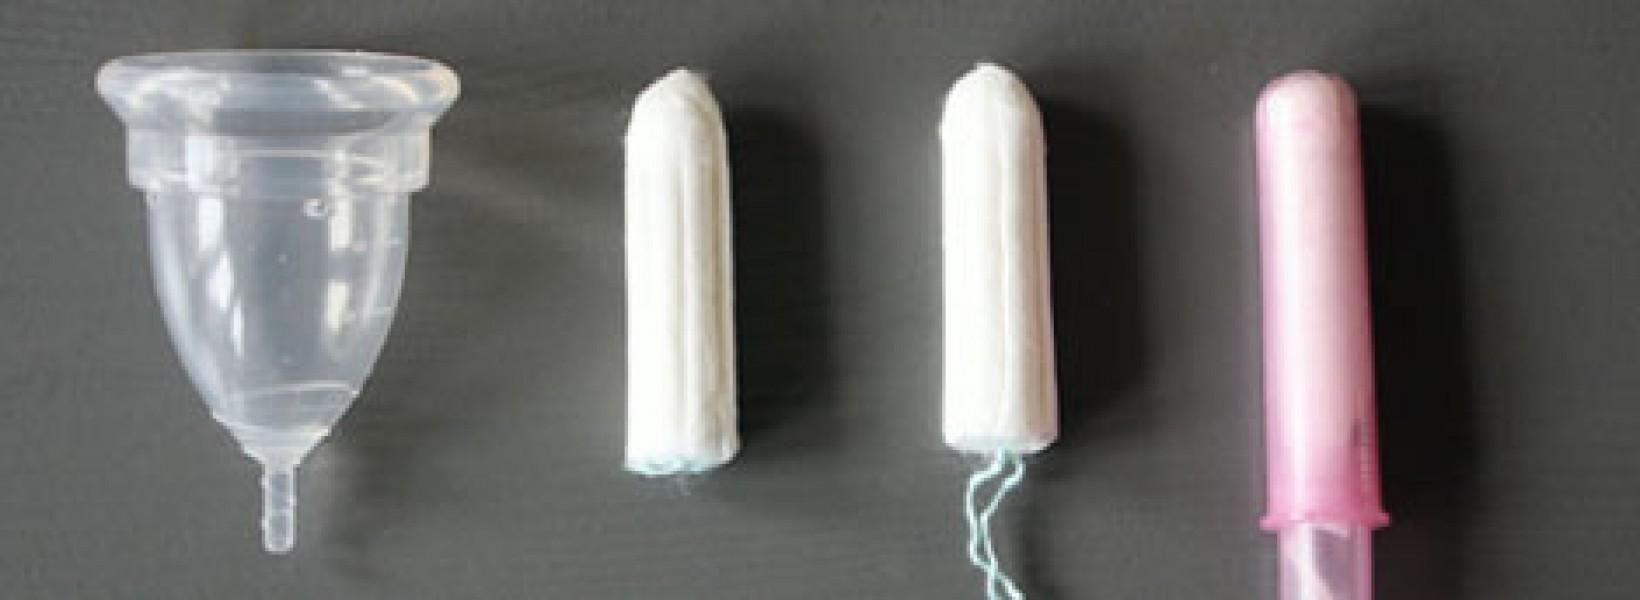 Un estudio demuestra que la copa menstrual es mejor que los tampones